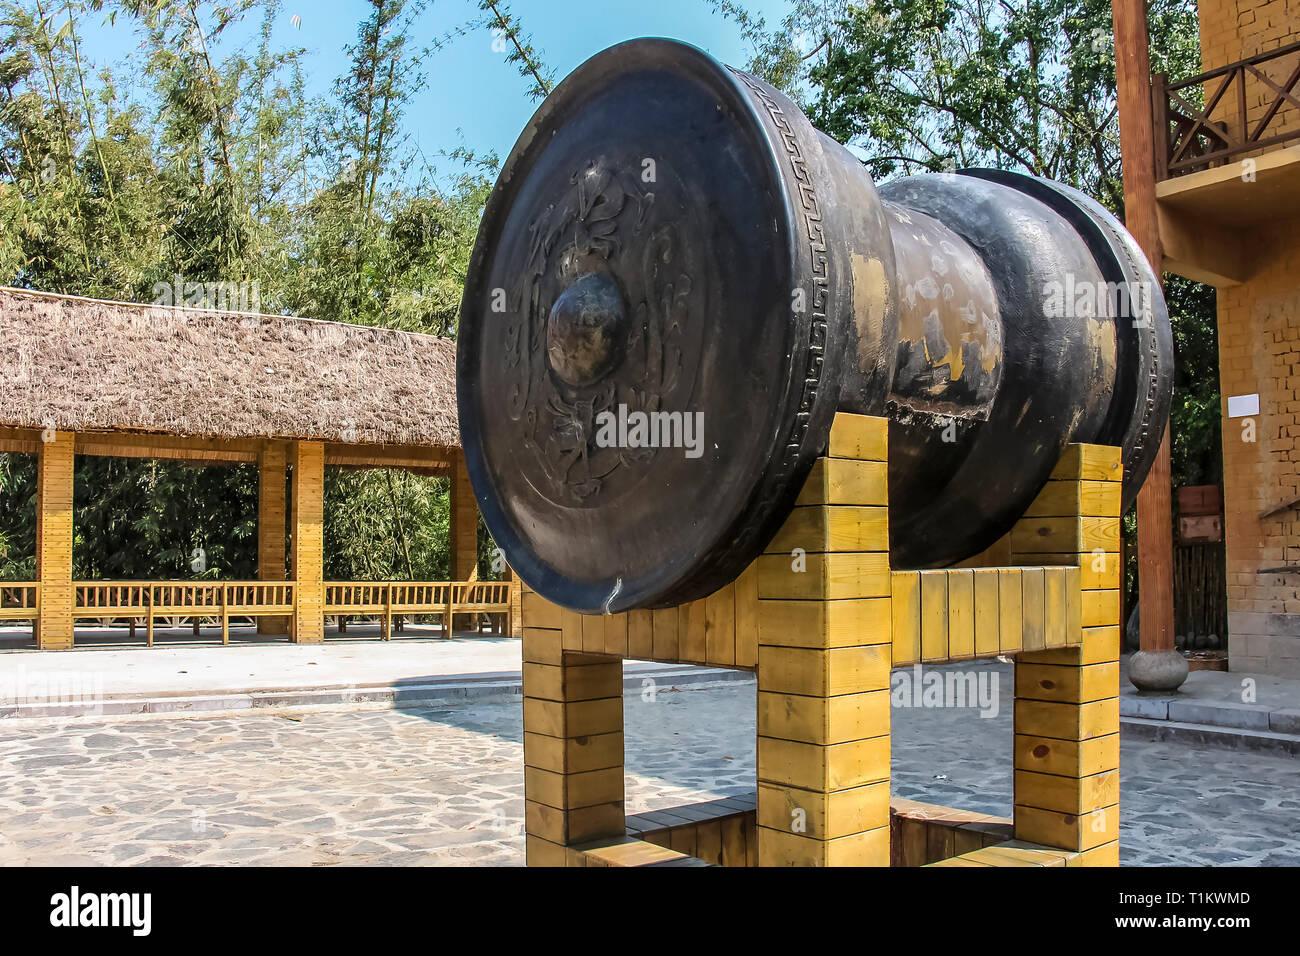 Yuanyang County, Yunnan, China - 2014: A bronze gilded drum at Qingkou Folk Village - Stock Image